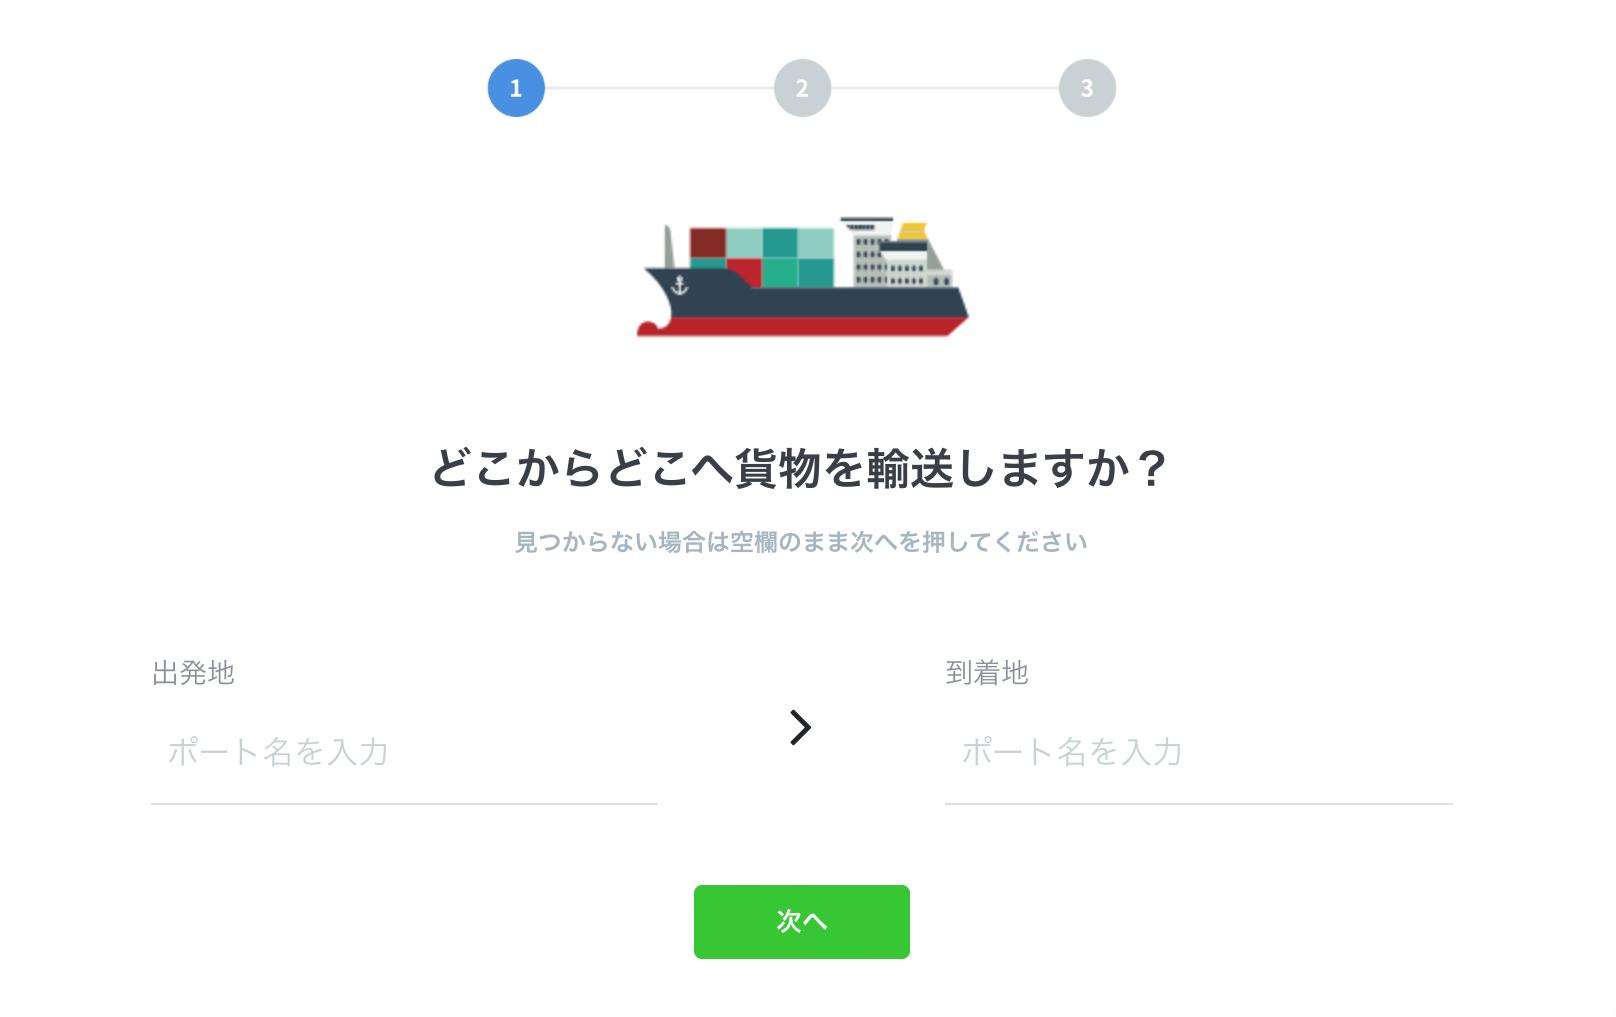 国際物流プラットフォーム「Shippio」が1.9億円を調達、事業免許取得で正式にサービス開始